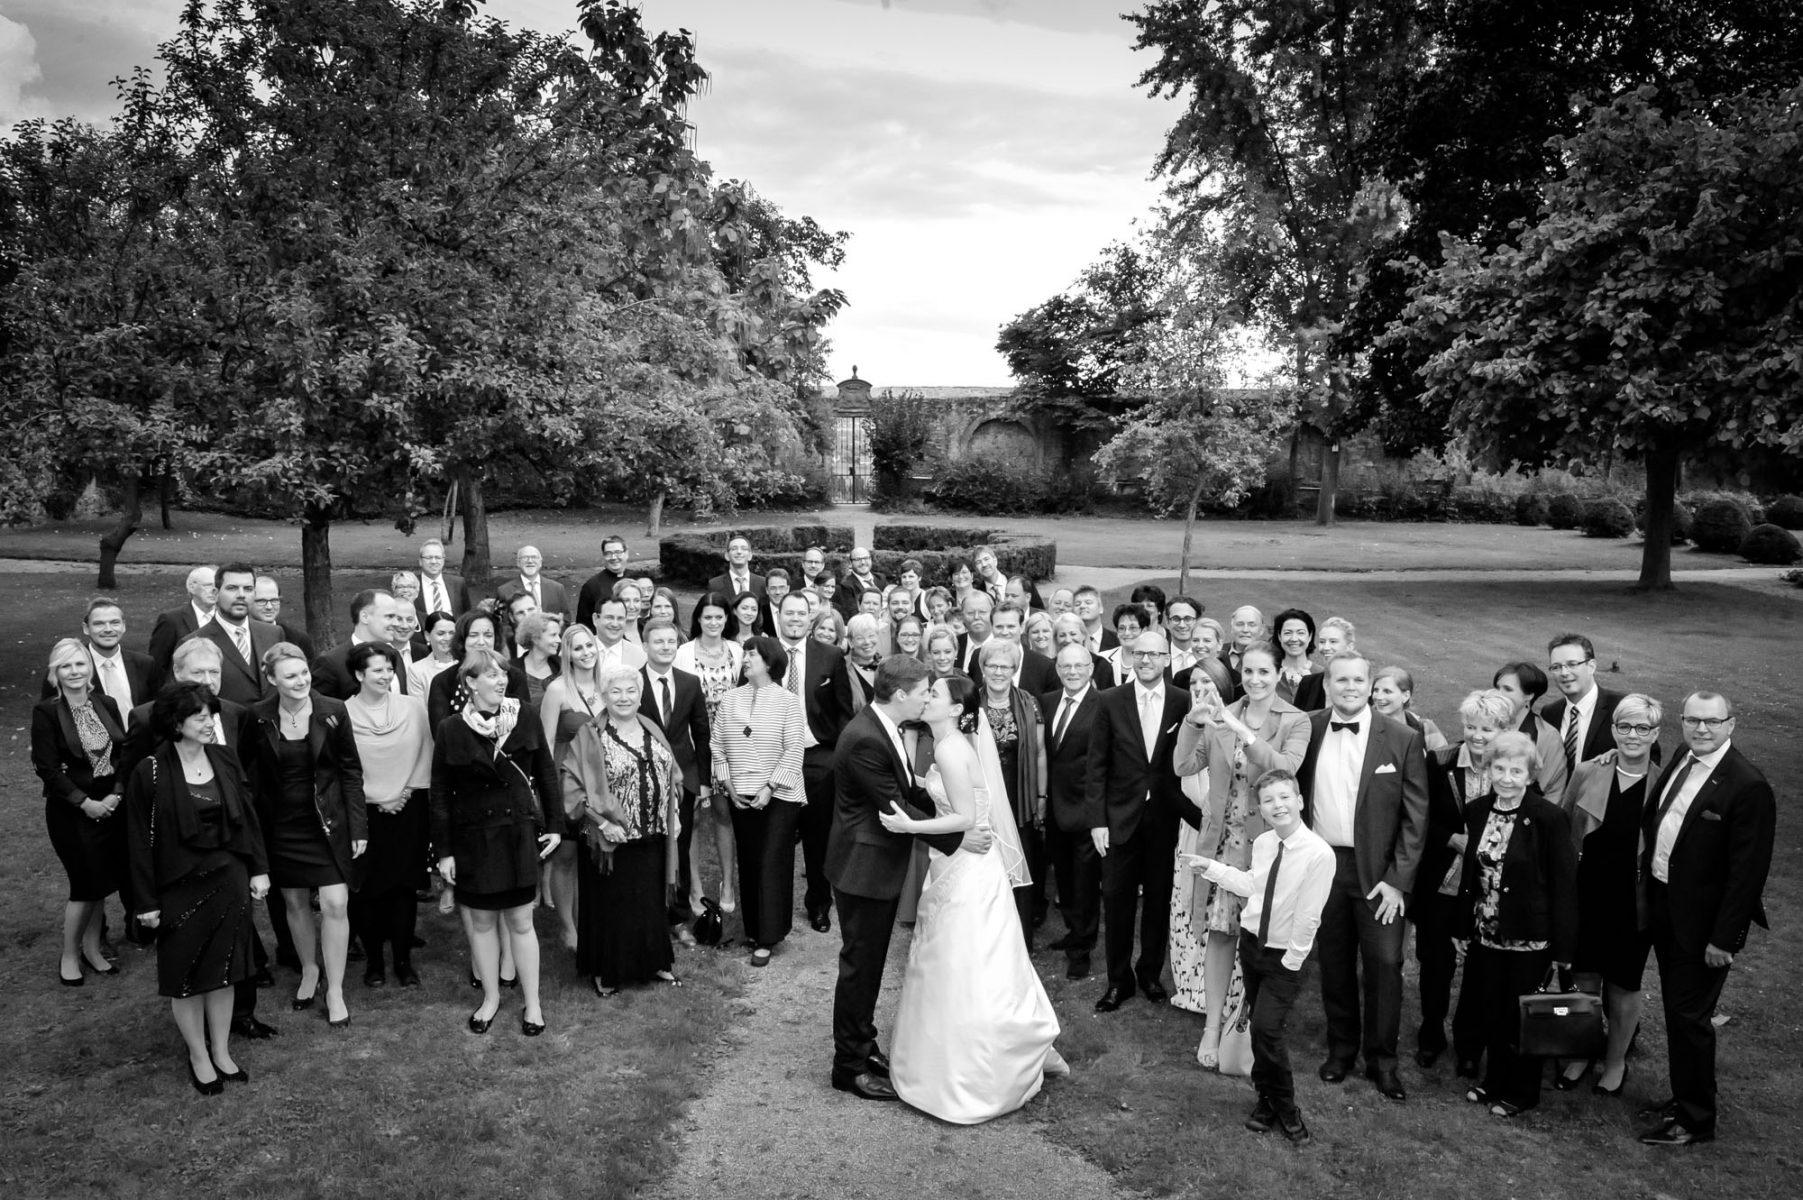 Hochzeit Feier  B2000 229421 1803x1200 - FEIER